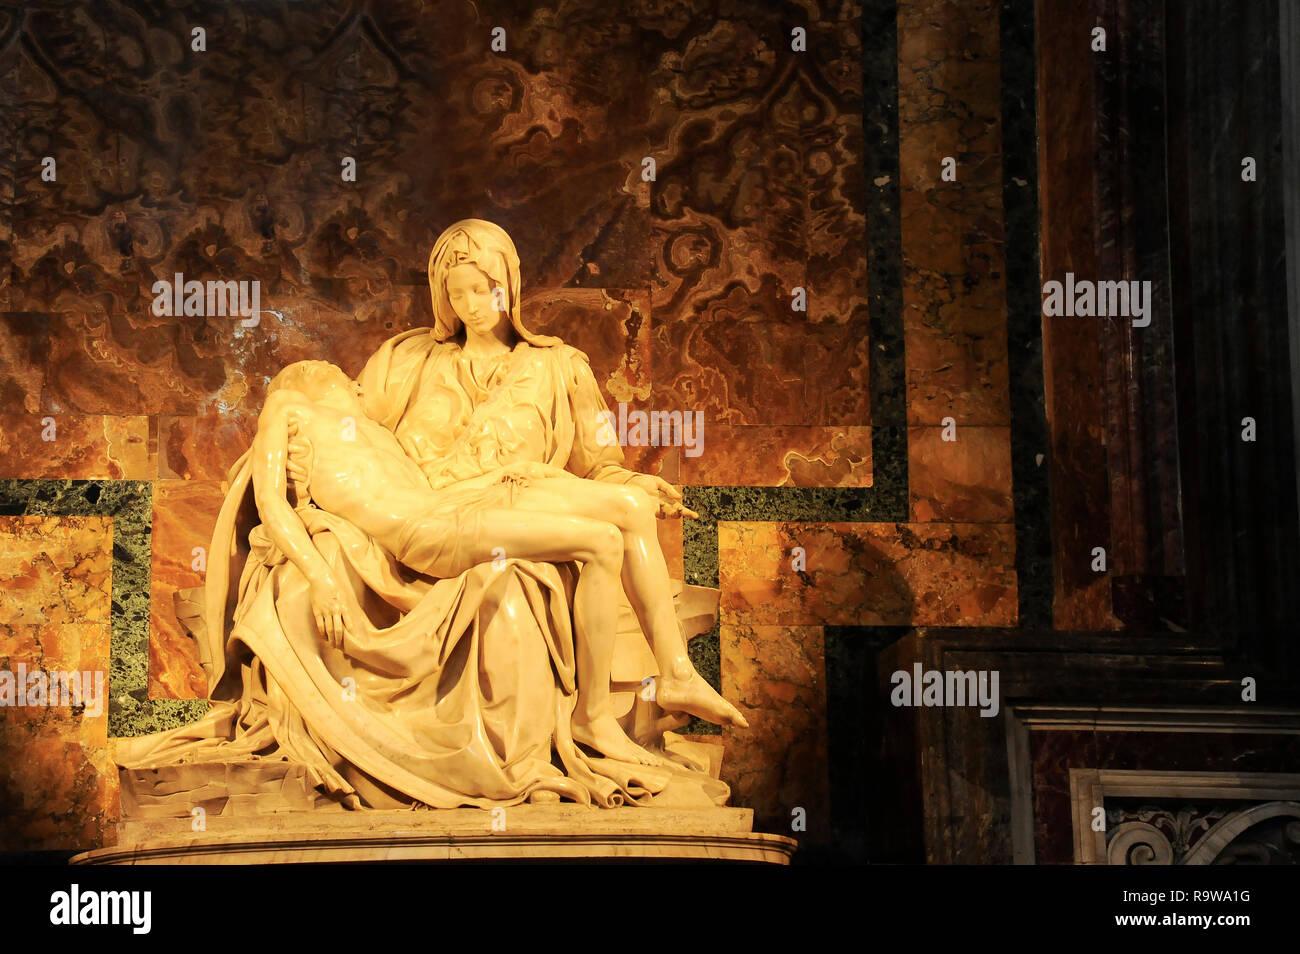 Roma, CITTÀ DEL VATICANO, 10 Ottobre 2018: la Pietà di Michelangelo (Il peccato), 1498-1499, si trova nella Basilica di San Pietro a Roma Immagini Stock